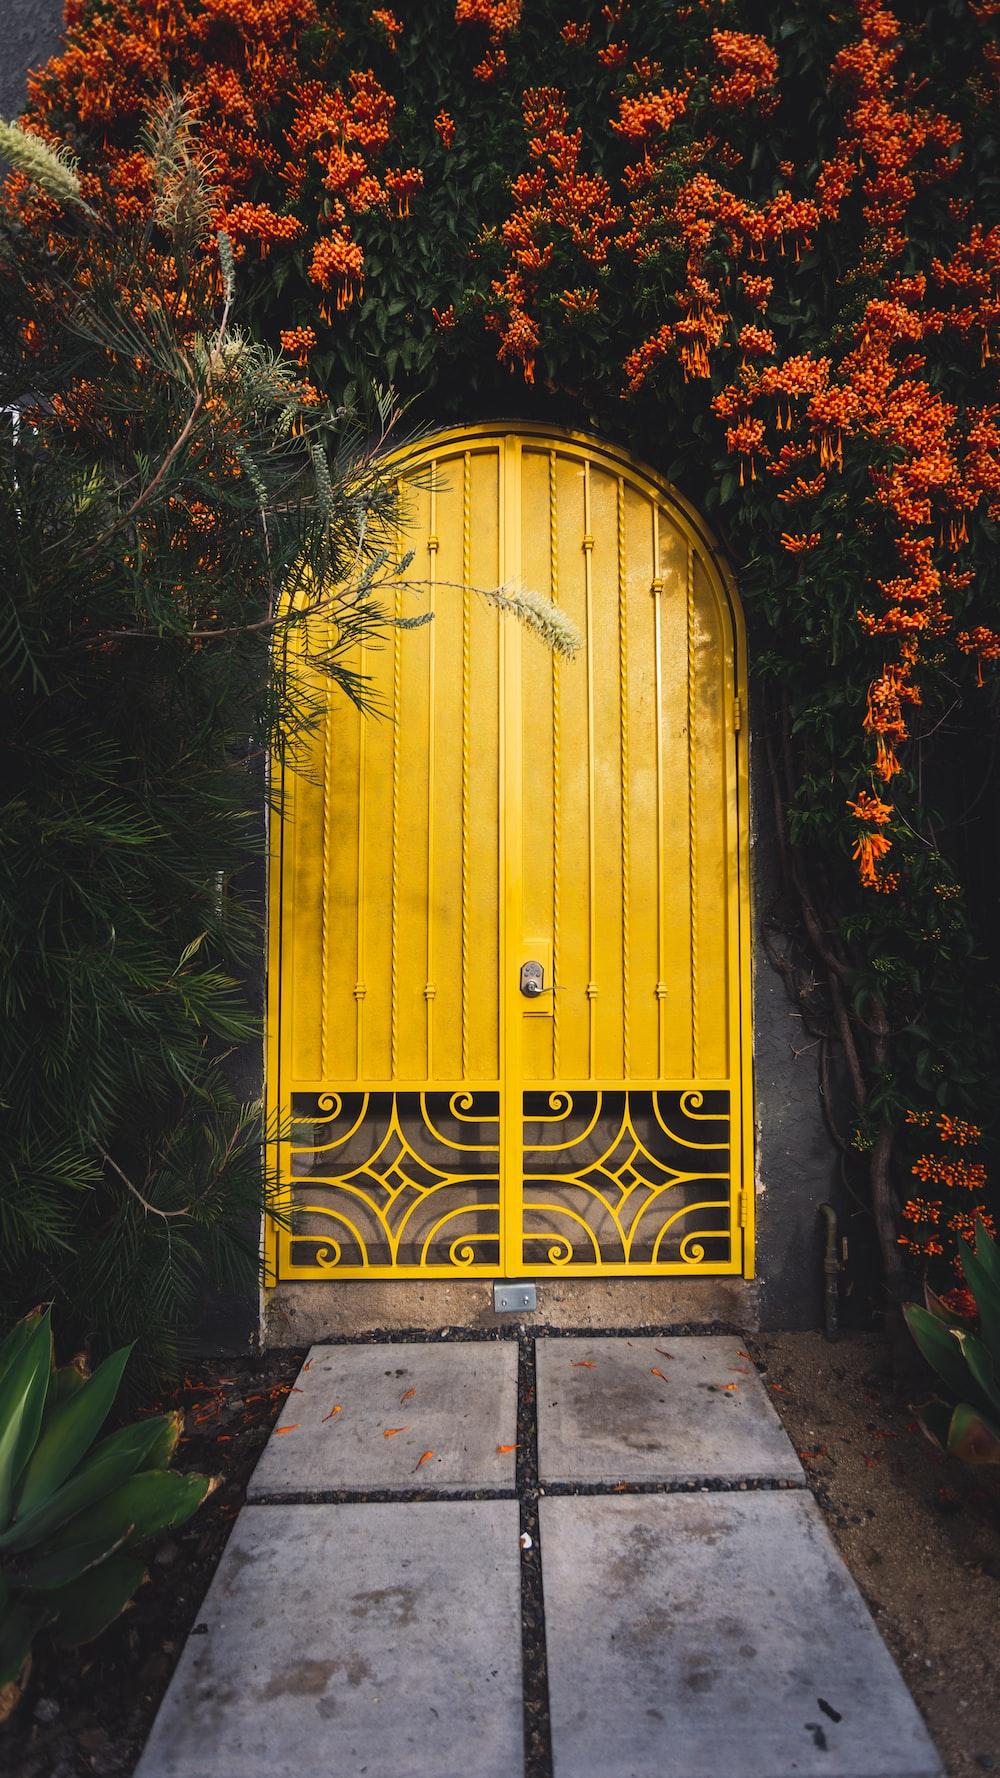 yellow metal door close-up photography